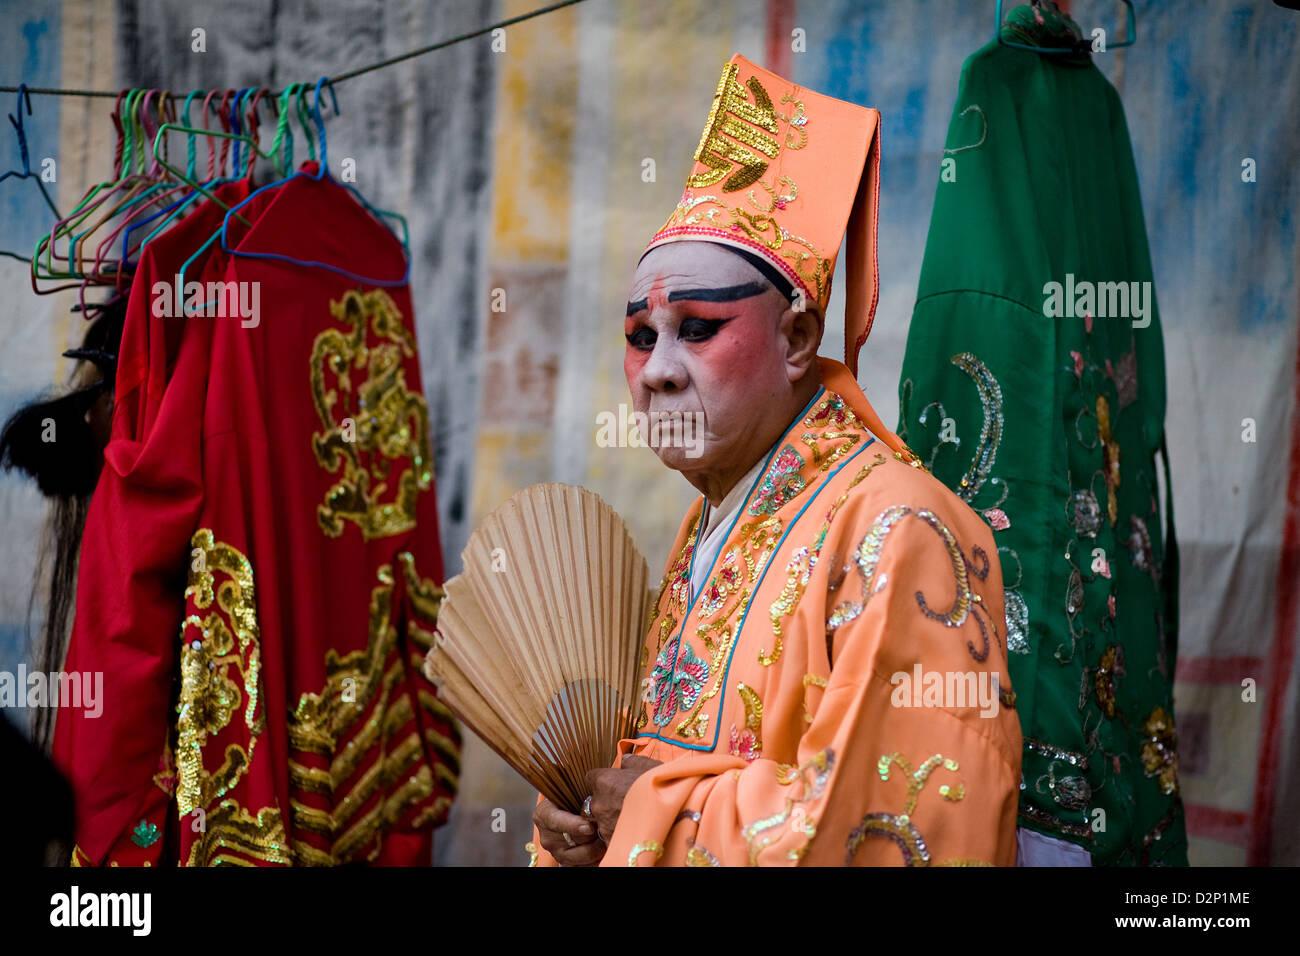 Un actor espera backstage durante una actuación callejera en Bangkok , Tailandia Imagen De Stock